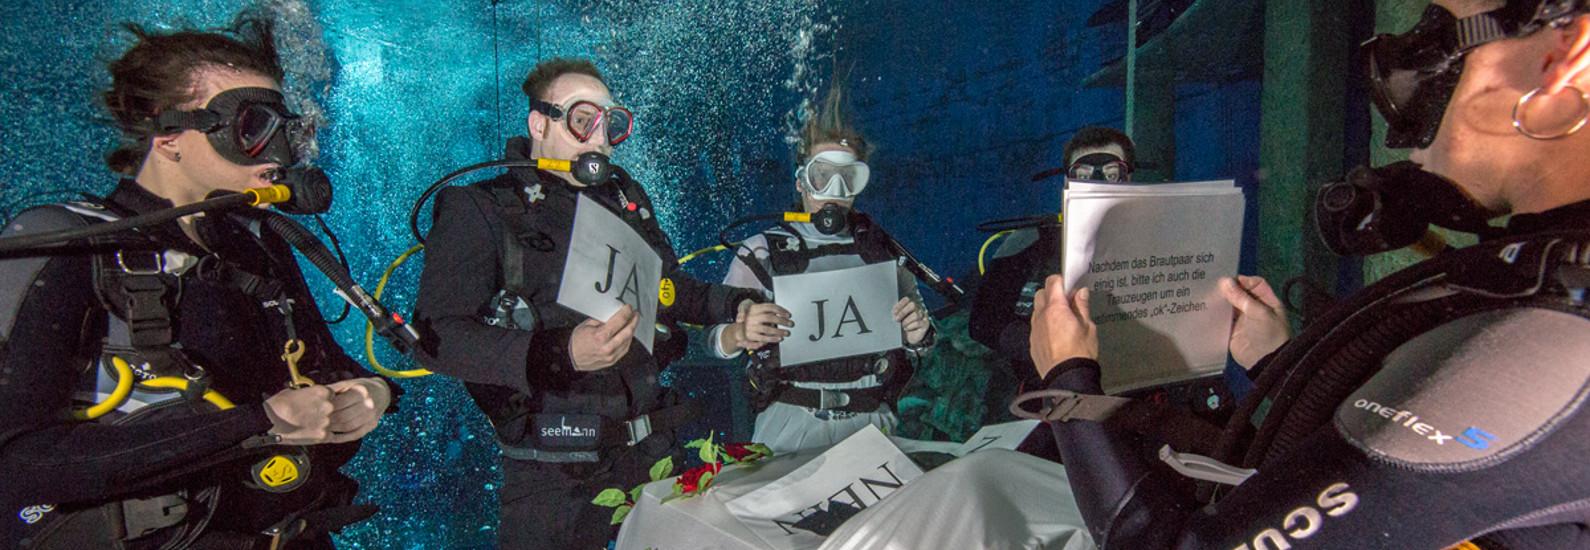 hochzeit-unterwasser